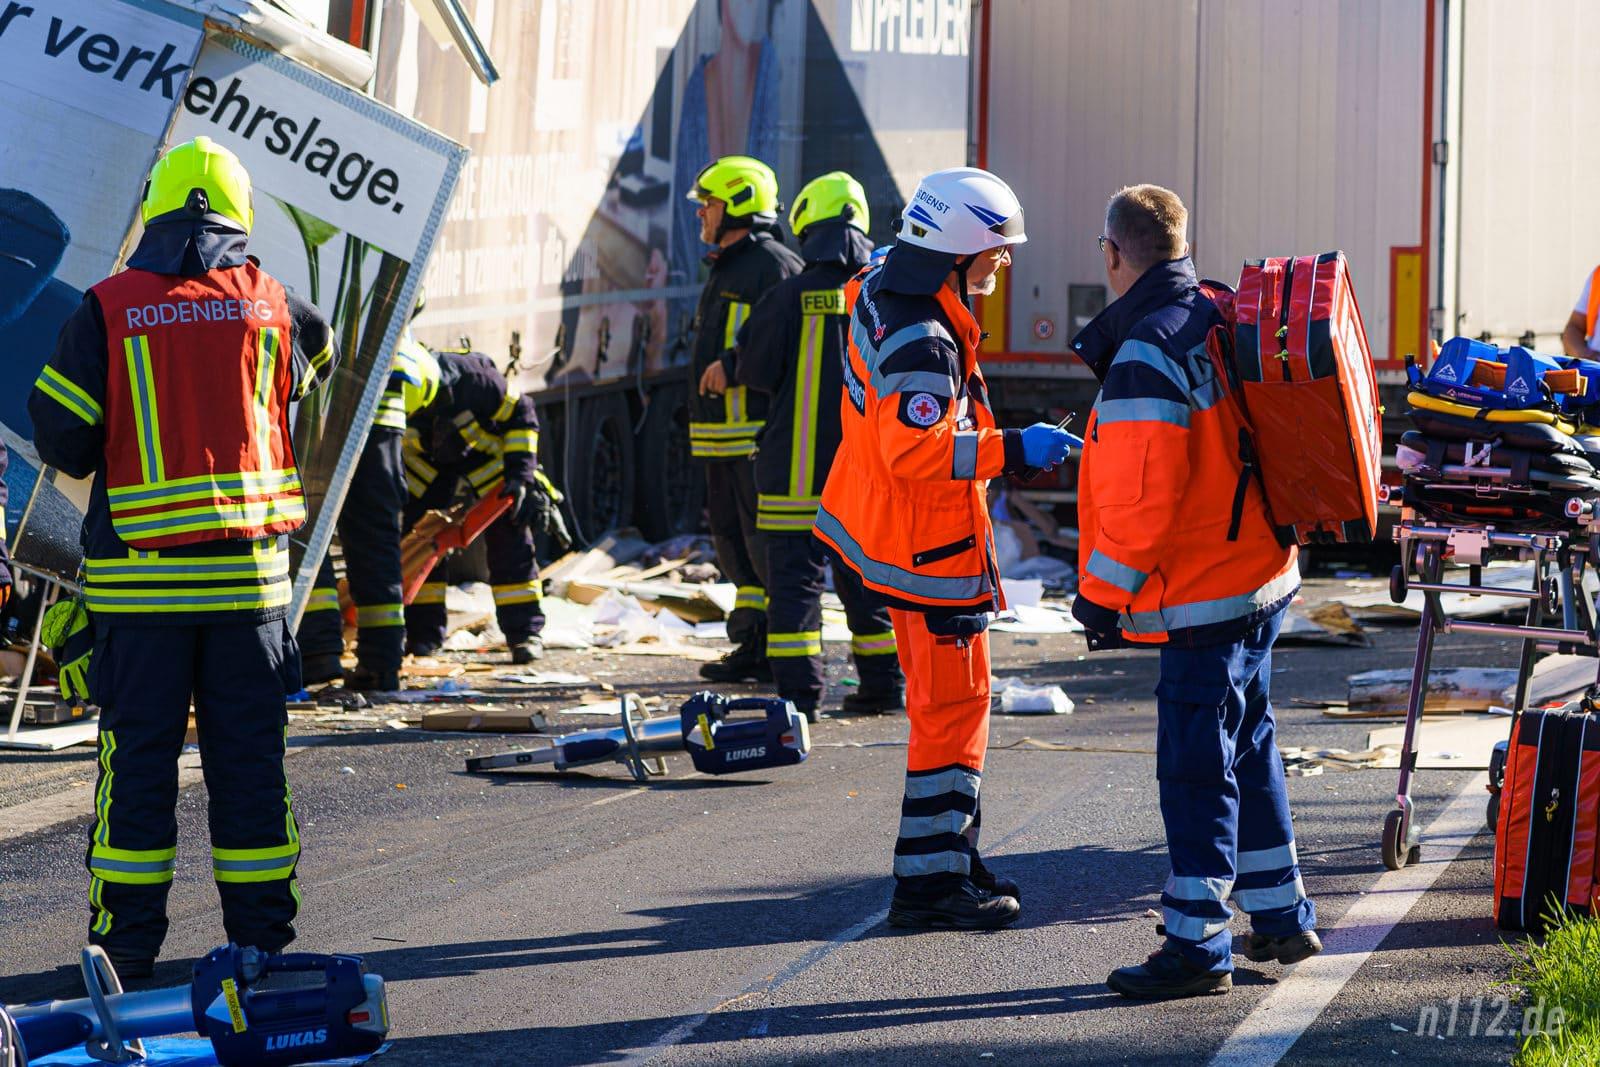 Notfallsanitäter besprechen das weitere Vorgehen, nachdem sie sich einen ersten Überblick verschafft haben (Foto: n112.de/Stefan Simonsen)